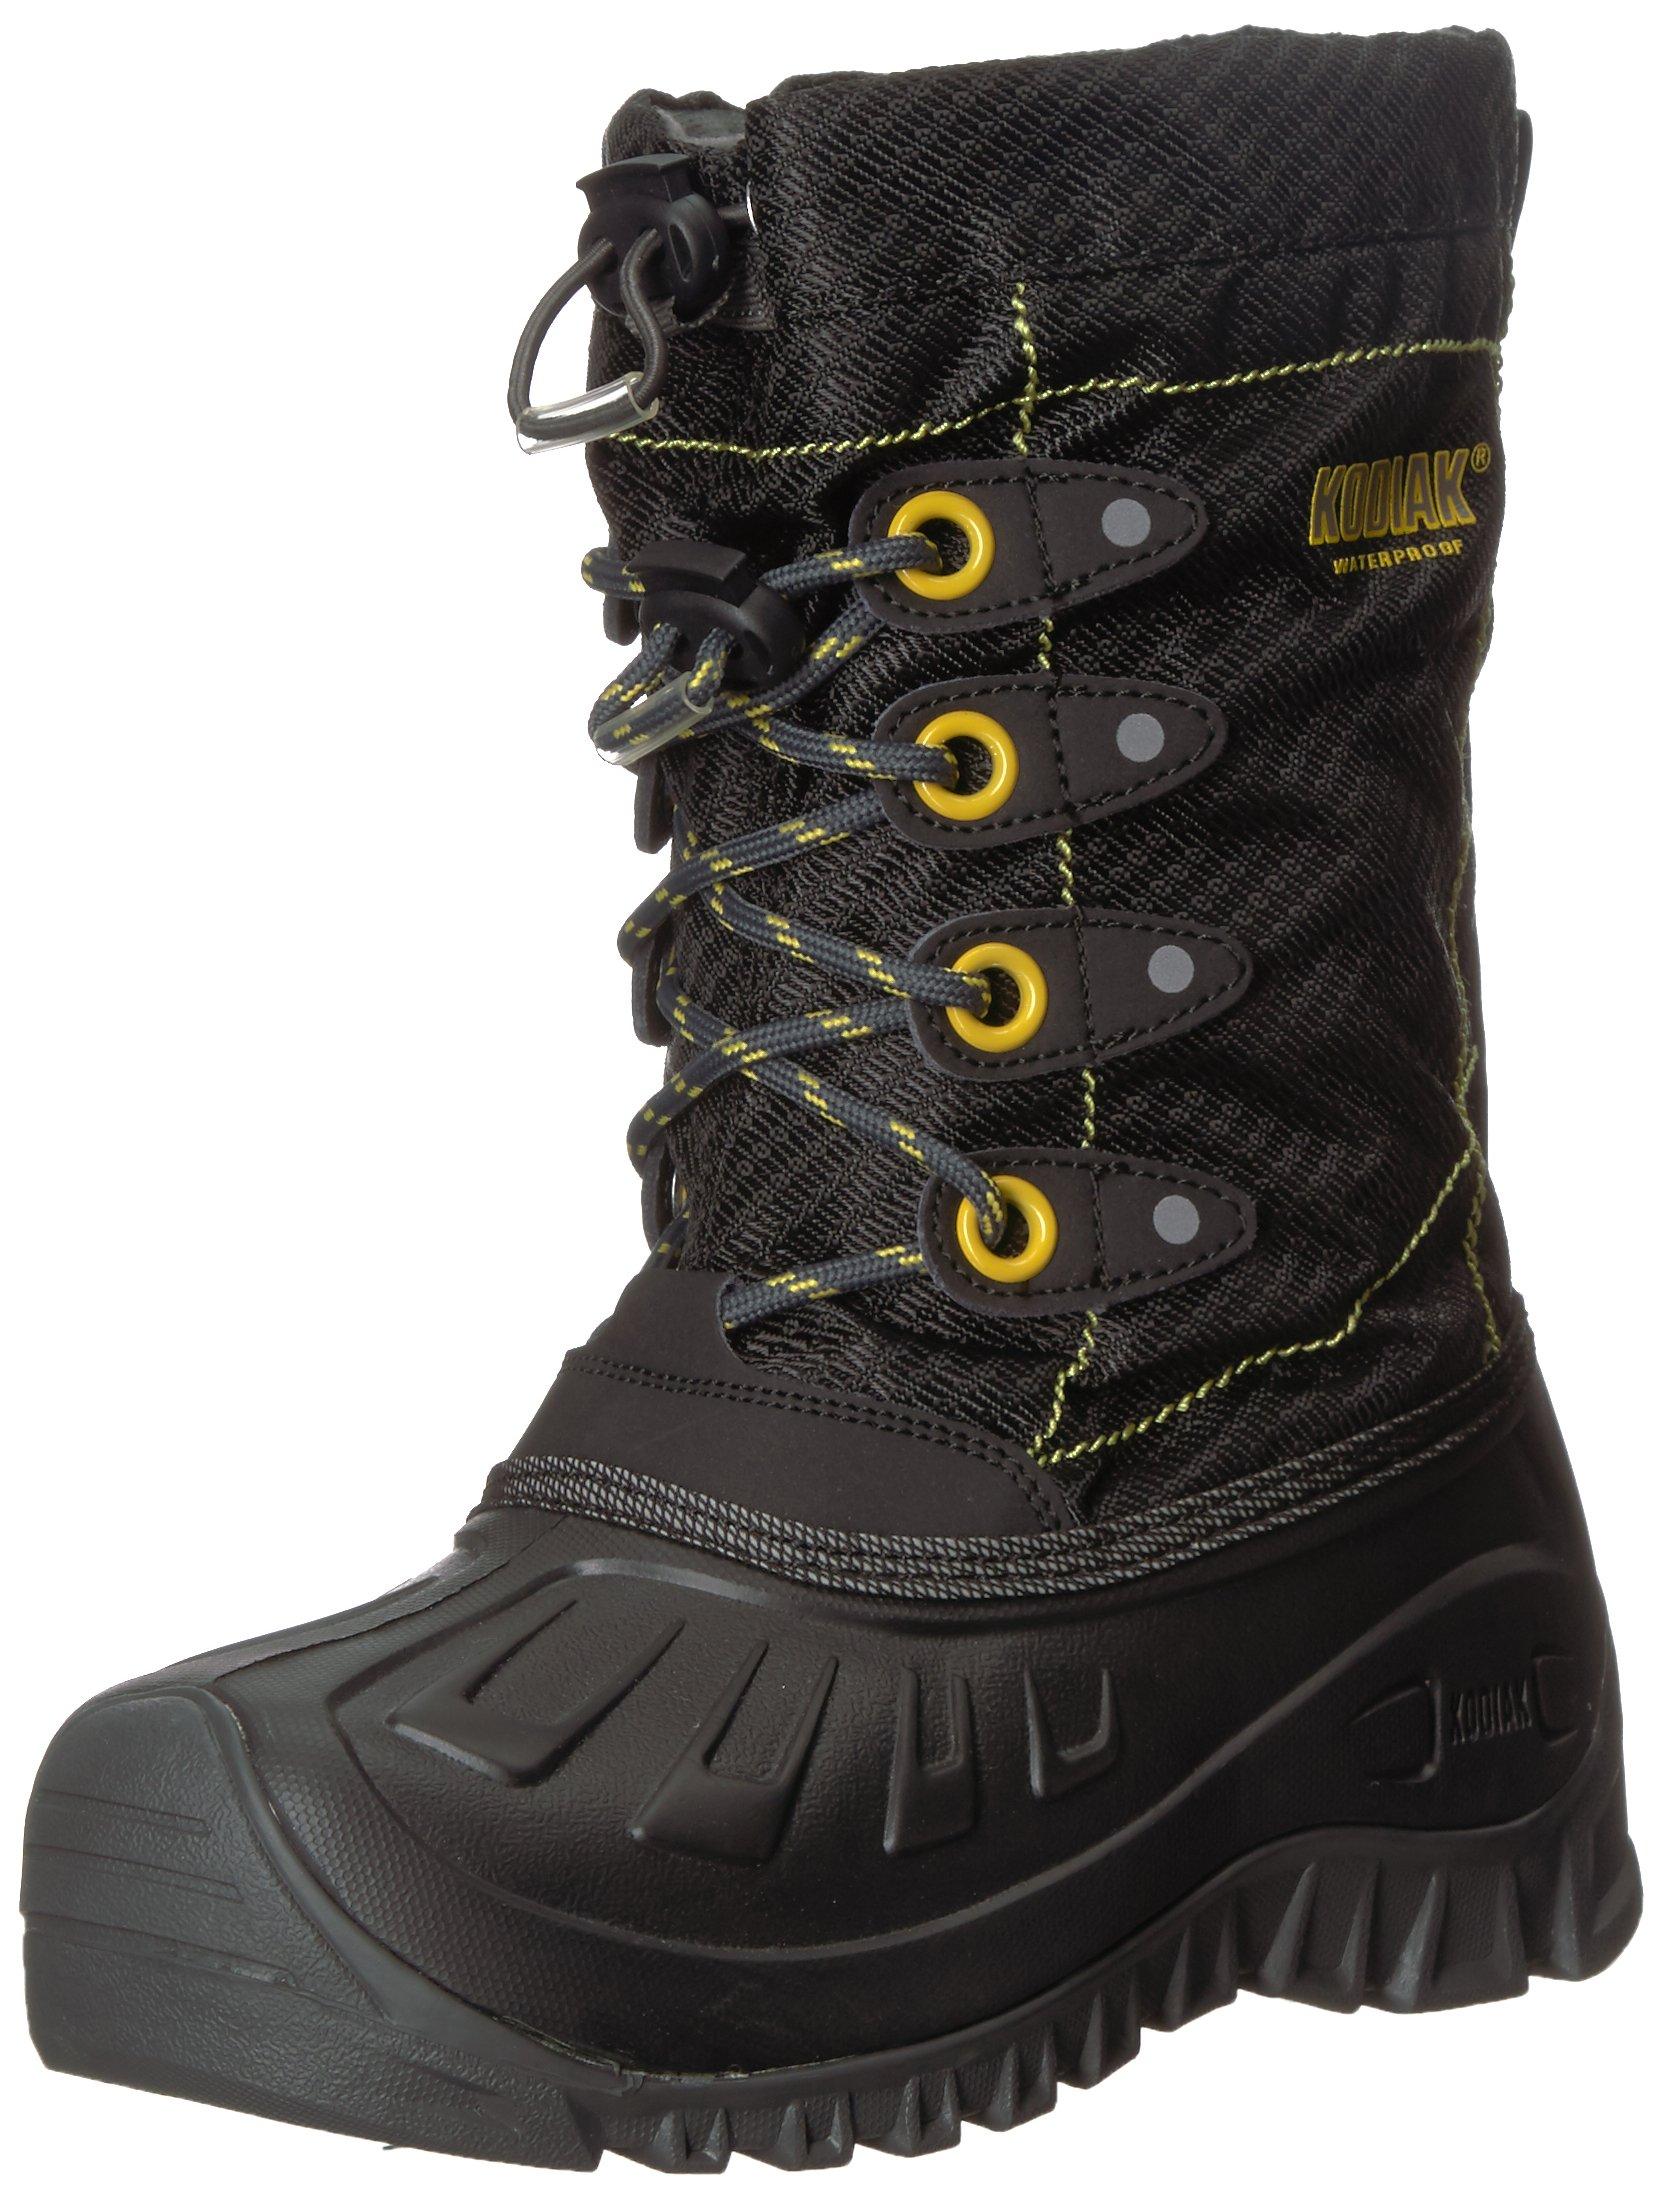 Kodiak Boys' Charlie Snow Boot, Black/Grey/Laser Lemon, 12 M US Little Kid